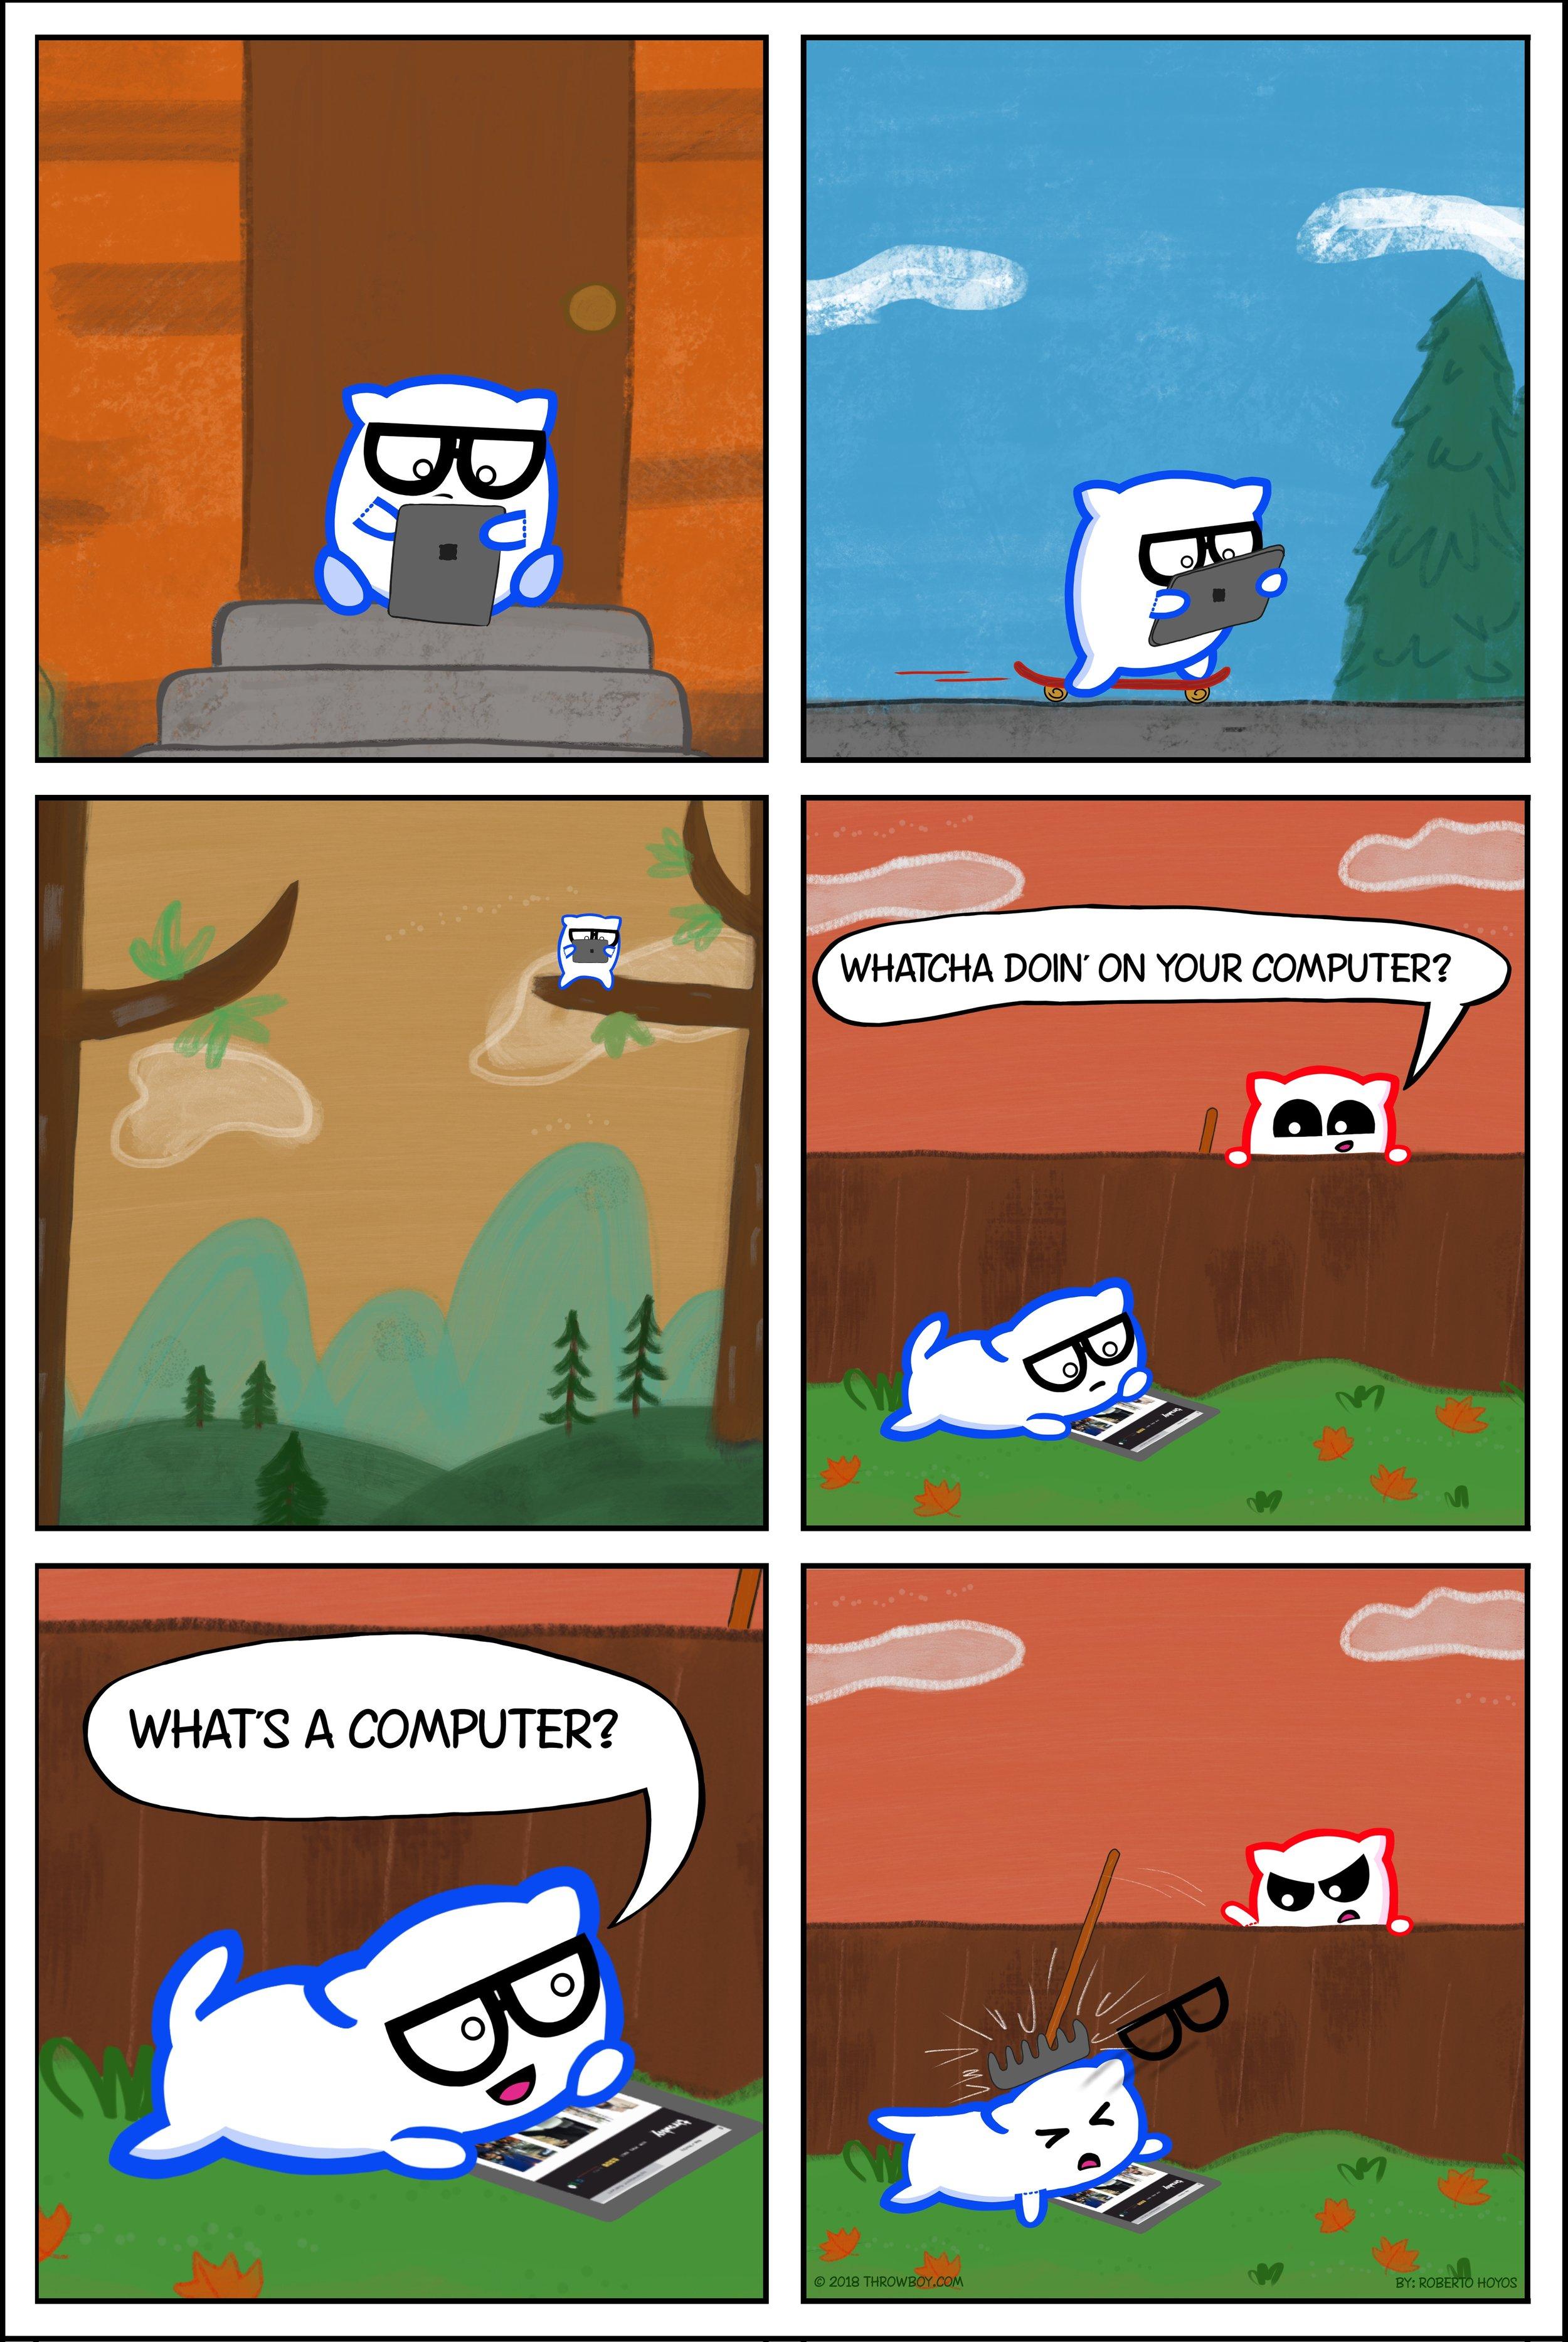 Qwerts_Computer_Throwboy_Comic-f.jpg